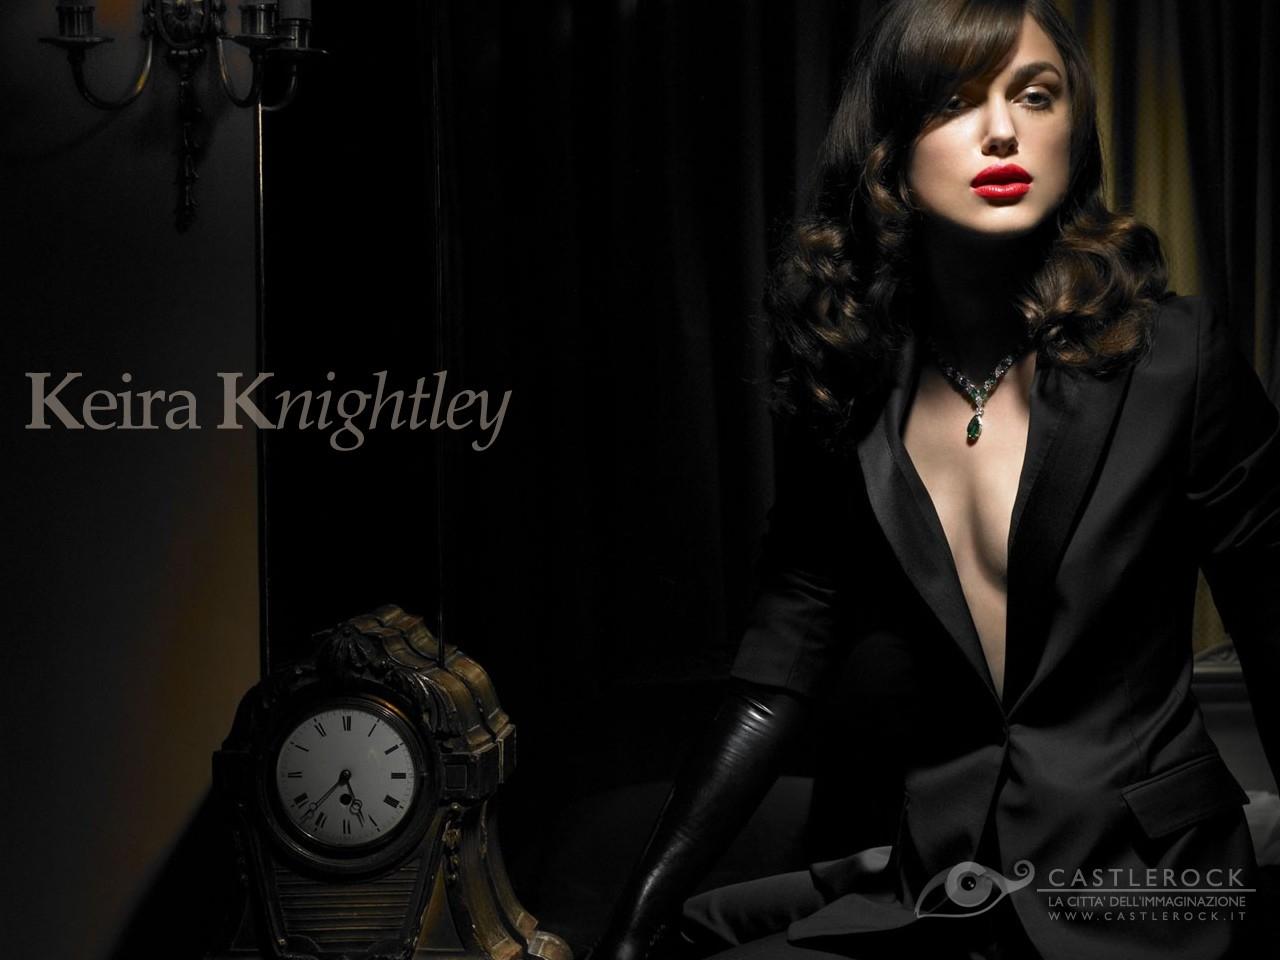 Wallpaper di Keira Knightley in versone seducente e misteriosa